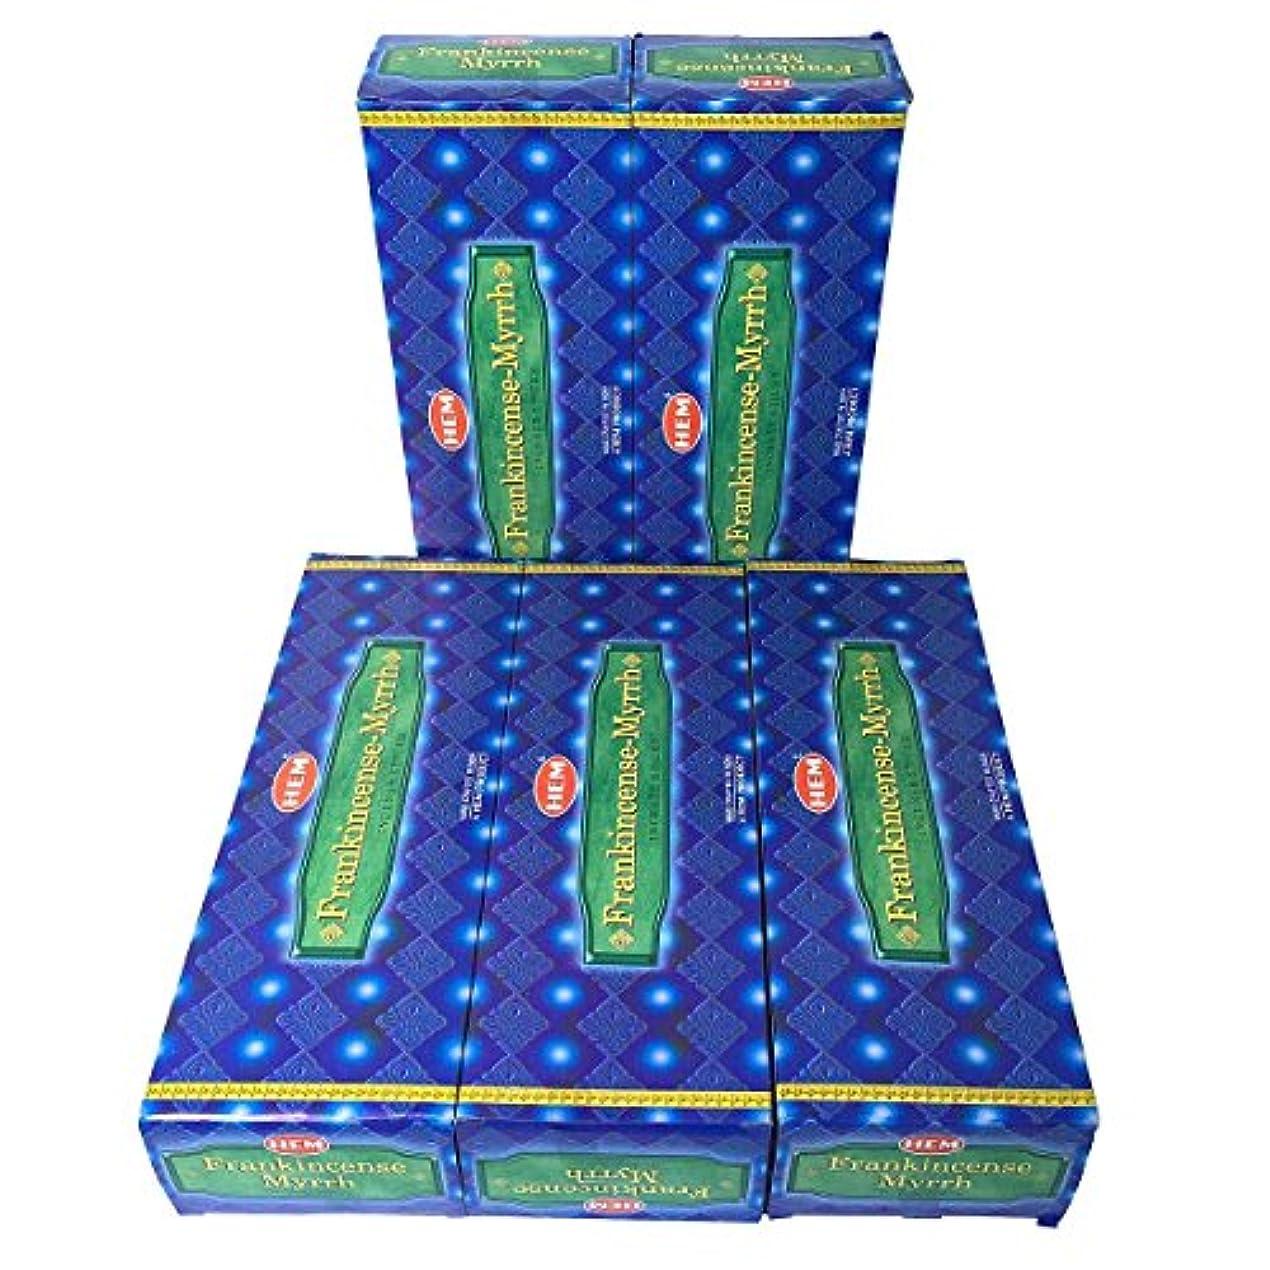 ゴミ保証金タヒチHEM フランキンセンス-ミルラ香 スティック 5BOX(30箱)/HEM FRANKINCENSE MYRRH/ インド香 / 送料無料 [並行輸入品]